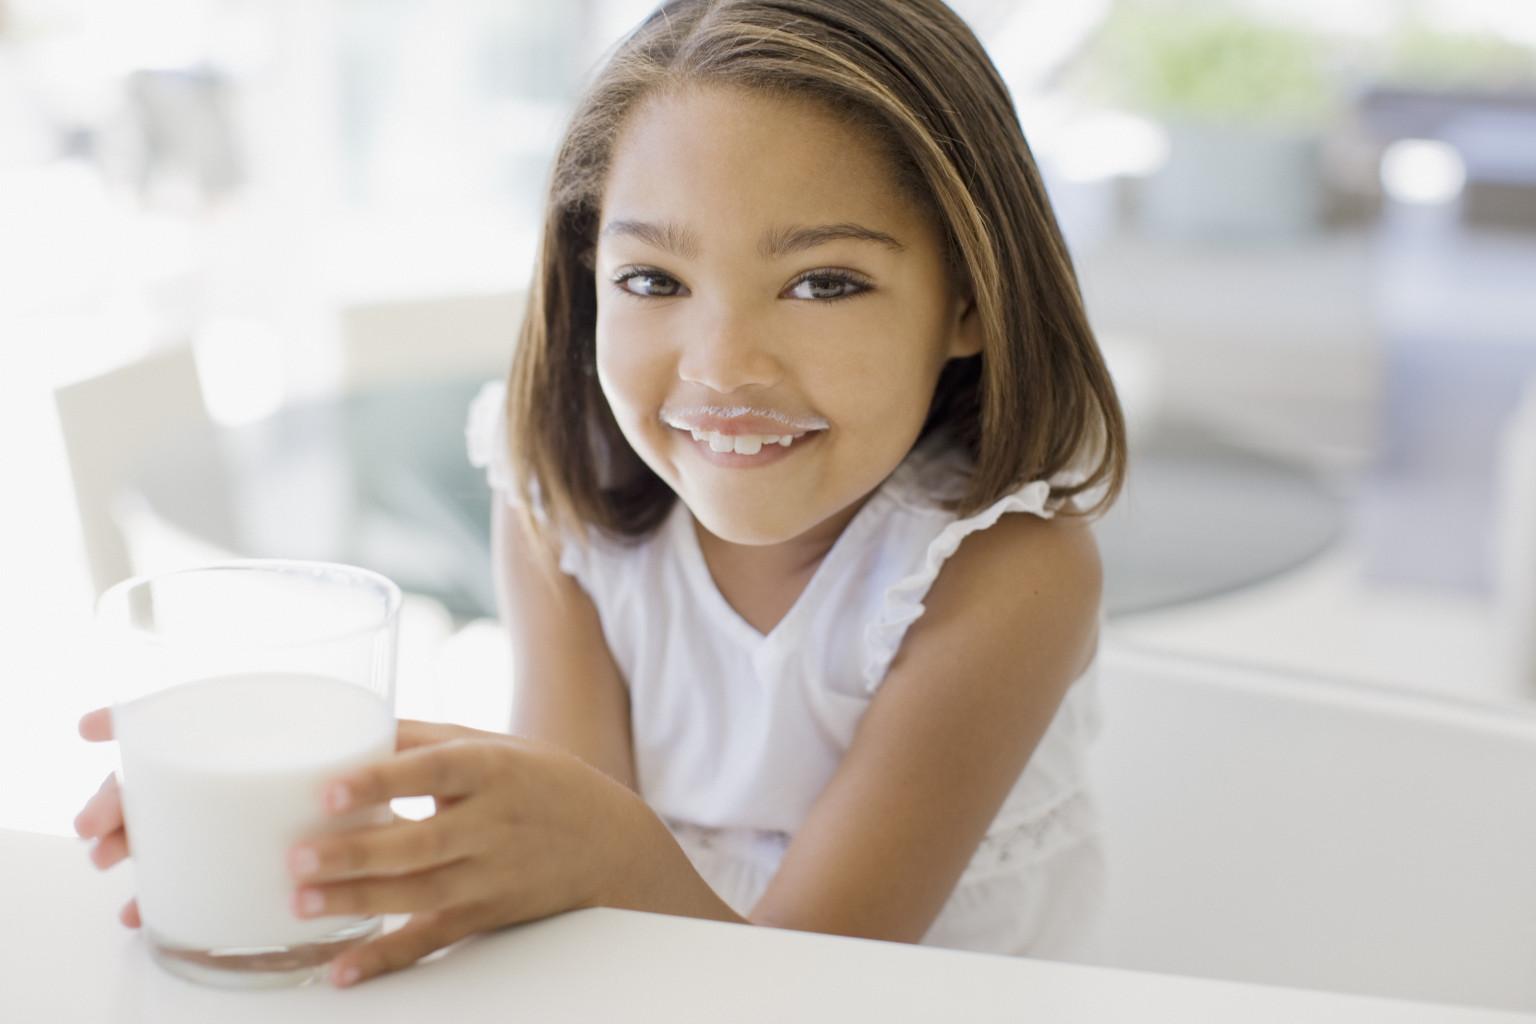 Probimil Pedia cần thiết cho mô đường tiêu hóa, qua đó duy trì hệ tiêu hóa của trẻ khỏe mạnh